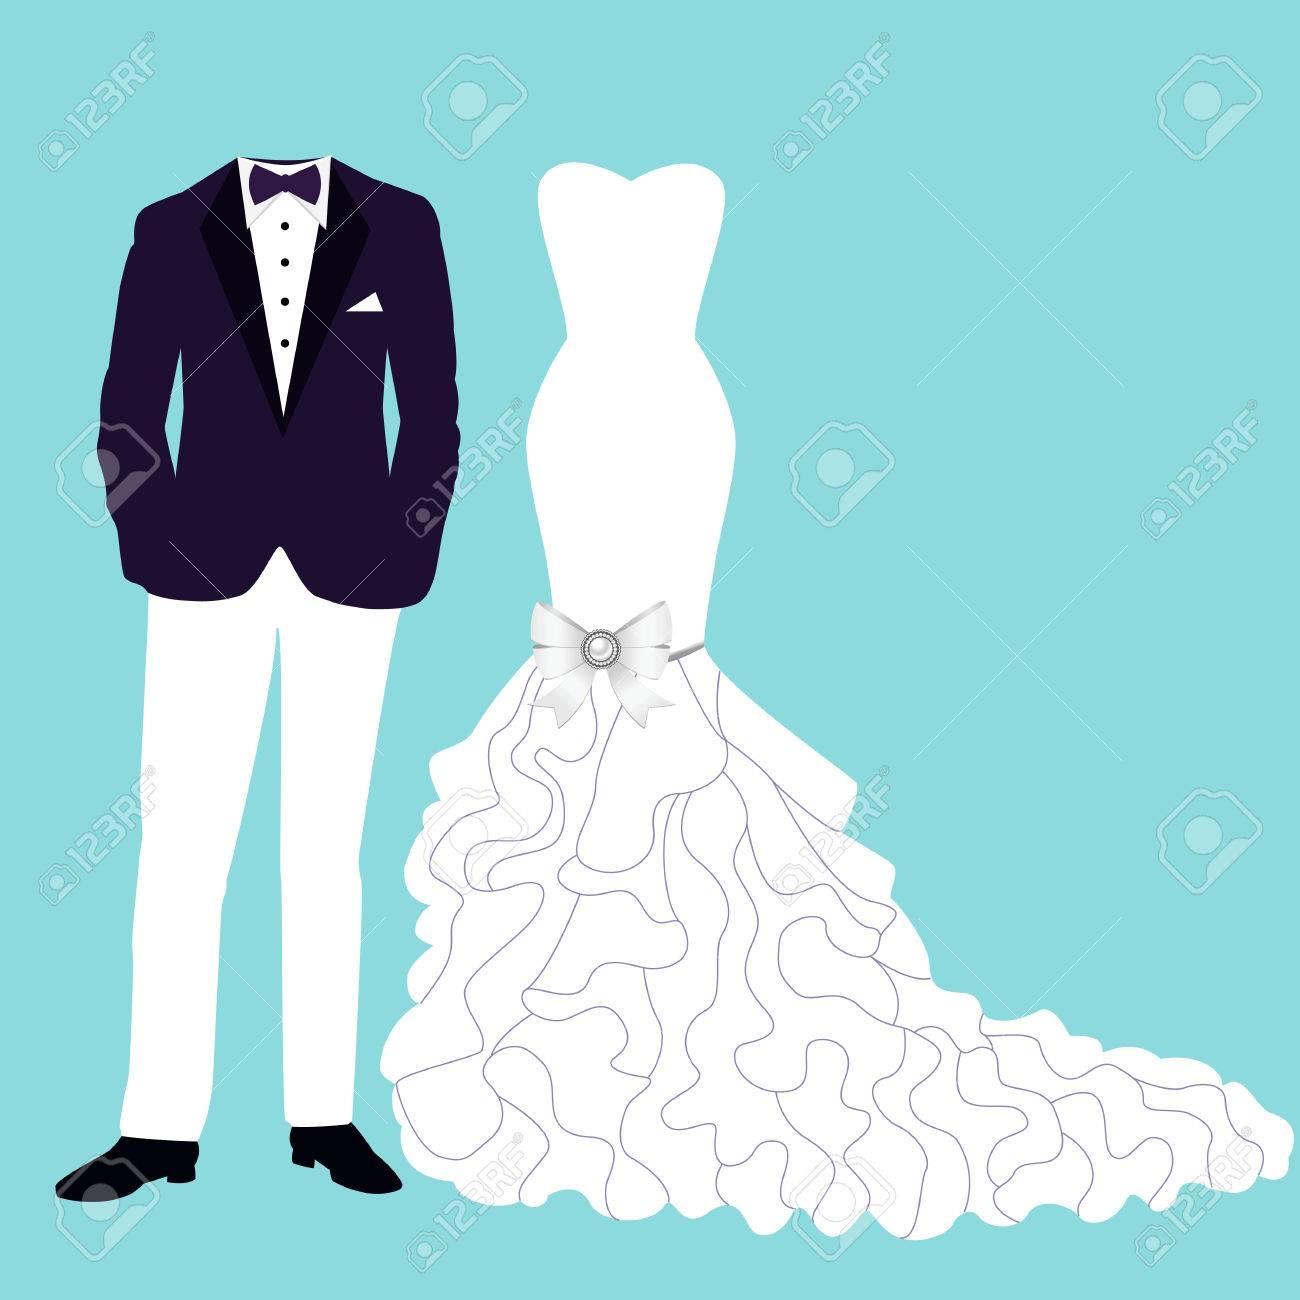 37f763e91 Tarjeta de boda con la ropa de la novia y el novio. Hermosa boda azul  vestido y esmoquin. Ilustración del vector.